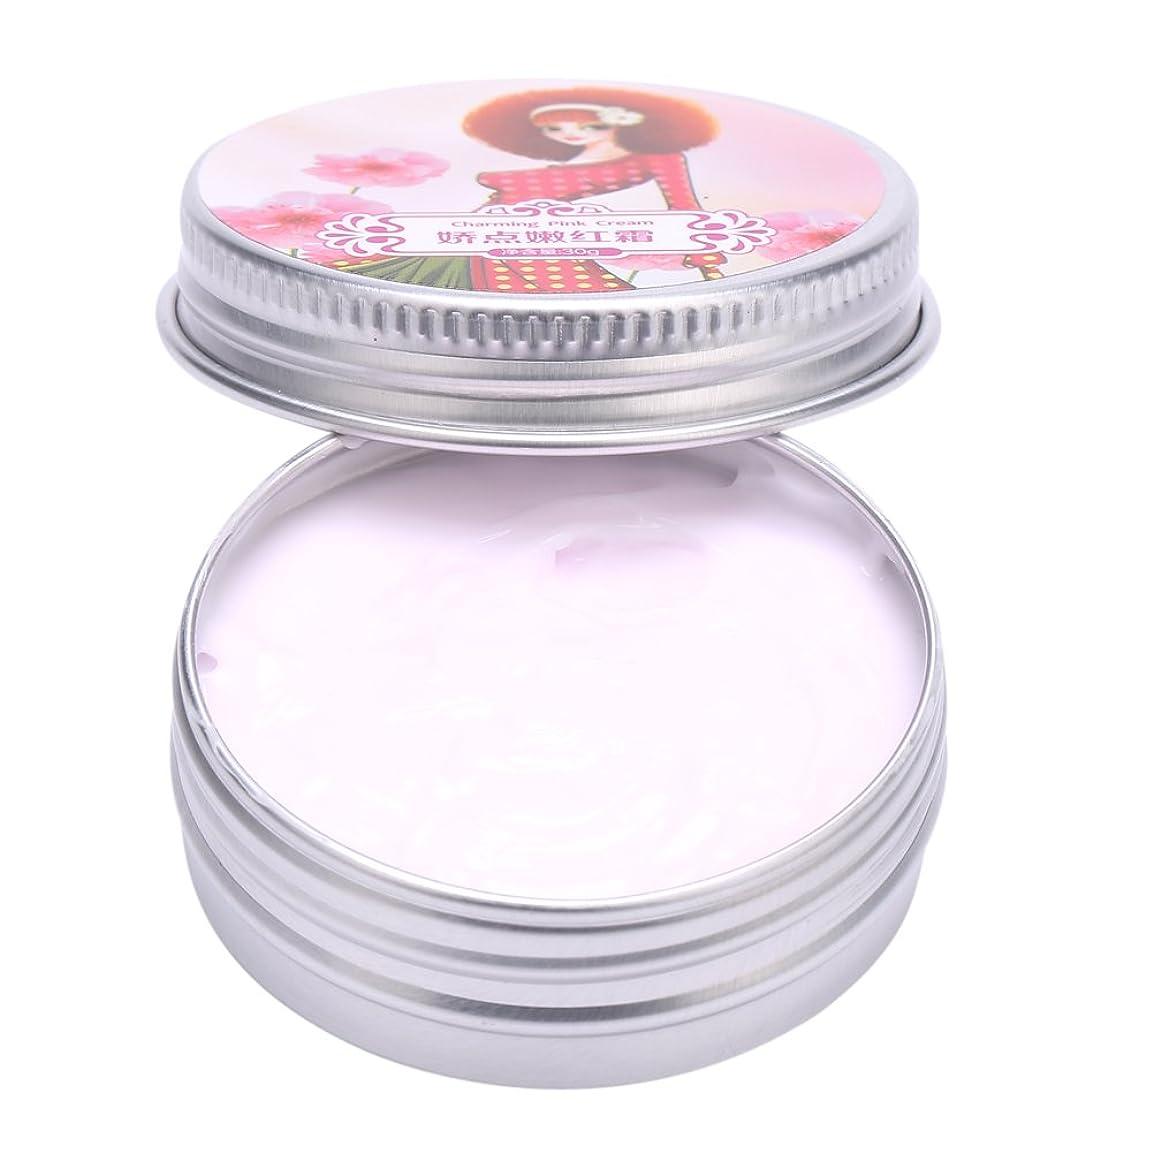 基礎動脈コウモリライトニングホワイトニング漂白ブロッサム親密なピンクニップルリップアンダーアームプライベートボディクリーム